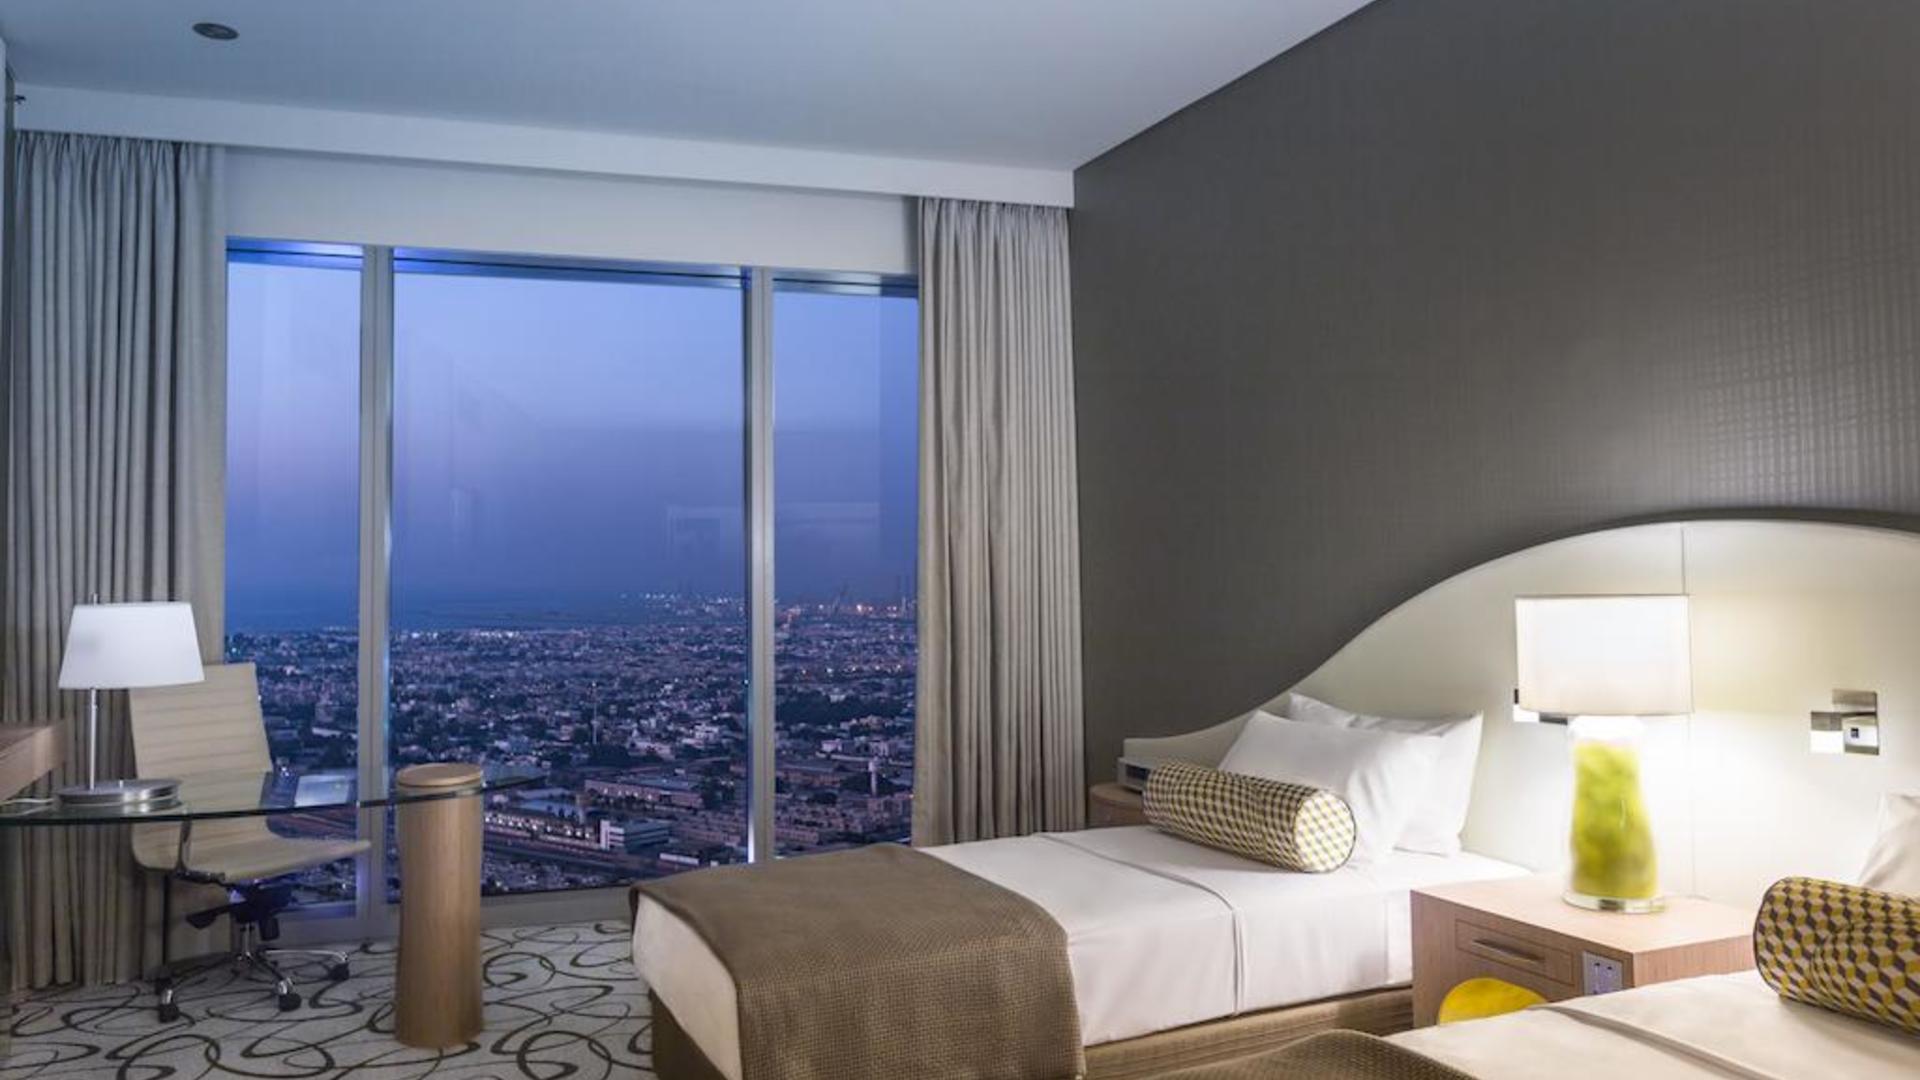 Apartment for sale in Dubai, UAE, 4 bedrooms, 223 m2, No. 23869 – photo 1